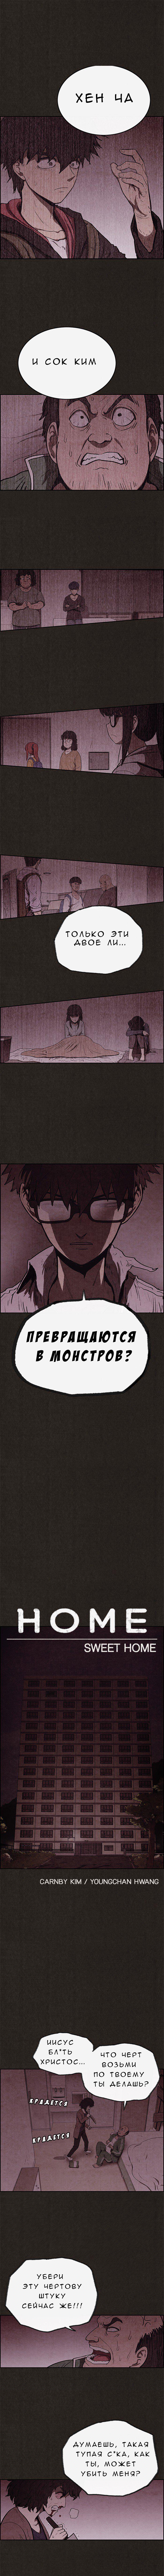 https://r2.ninemanga.com/comics/pic5/26/33050/1421857/1562526574422.png Page 1